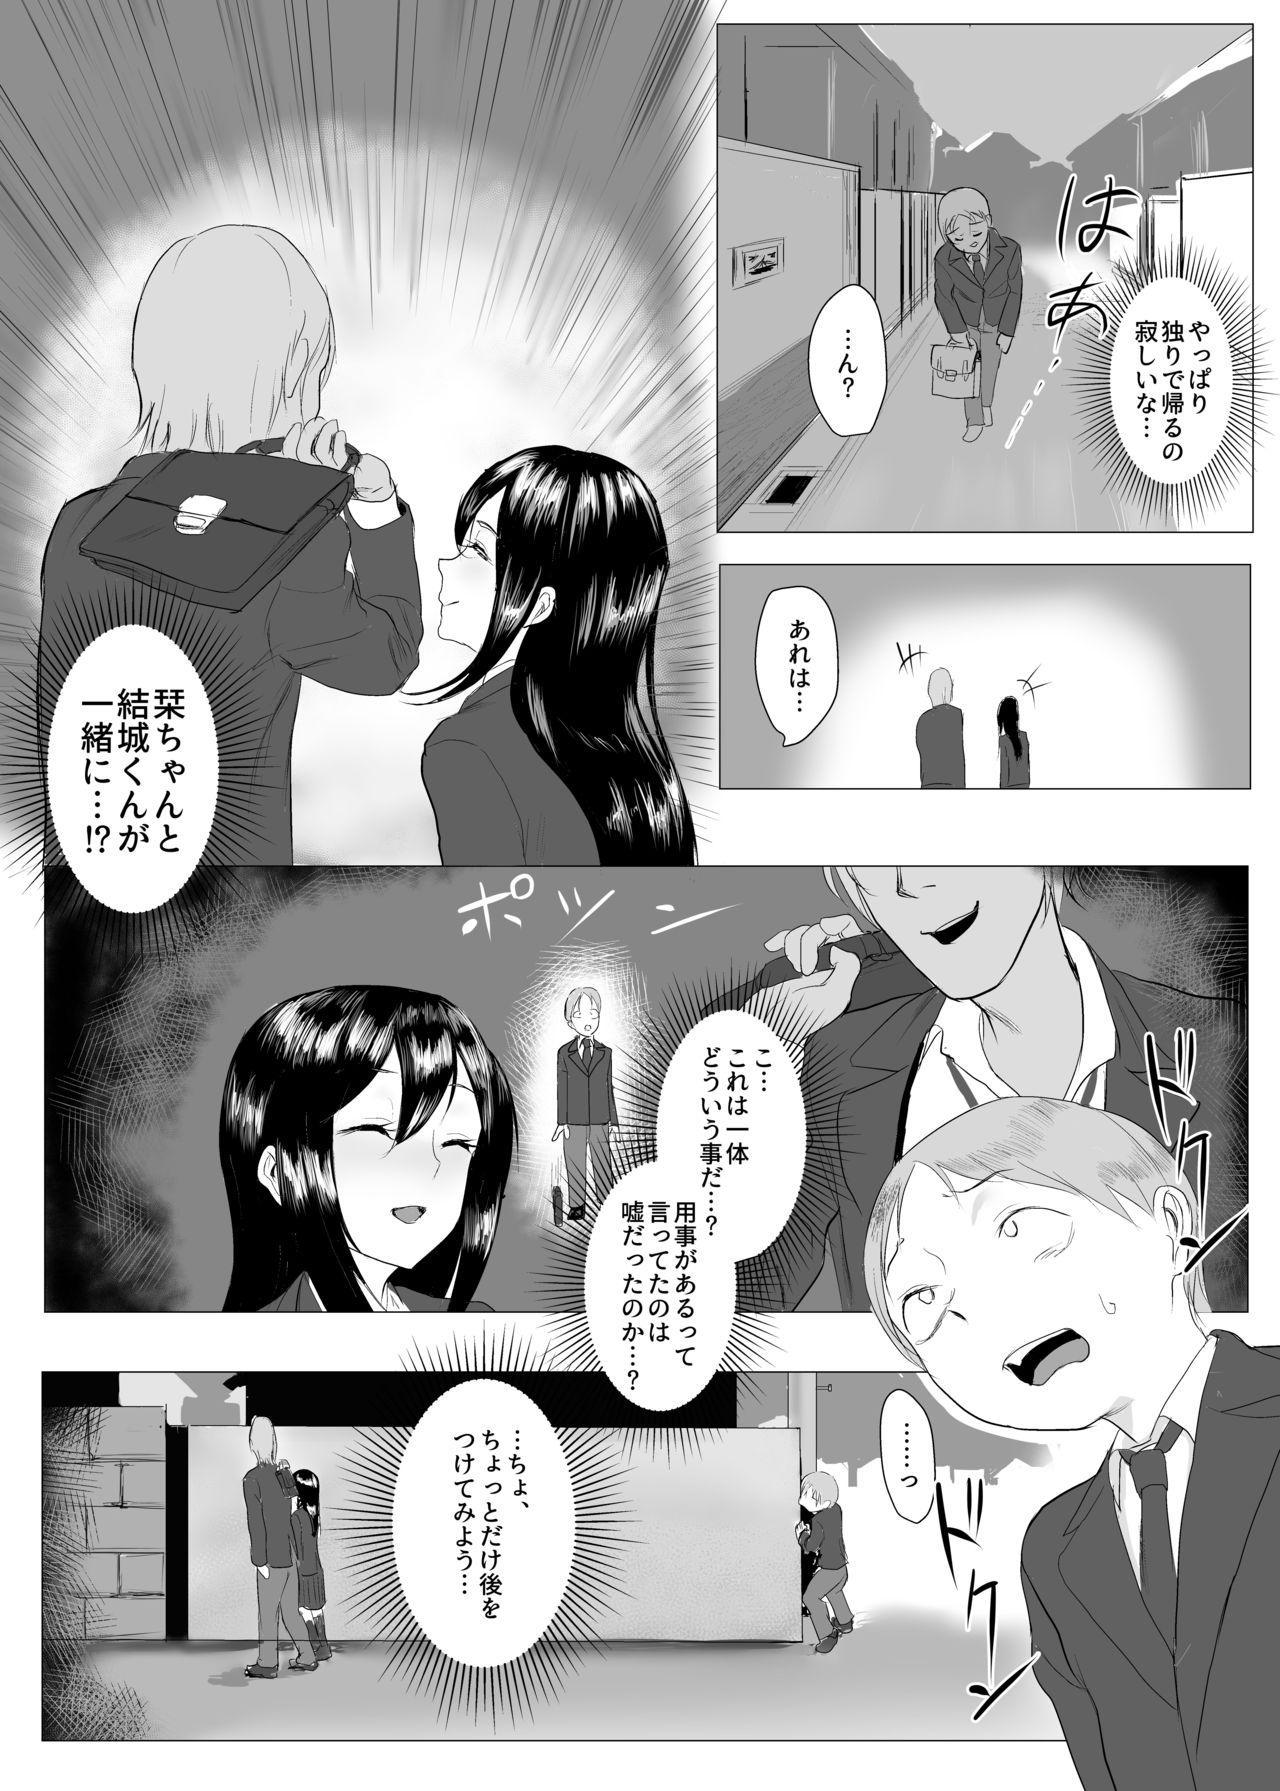 Houkago Netorare Seishidou - Boku no Kanojo wa Aitsu no Nikubenki 3